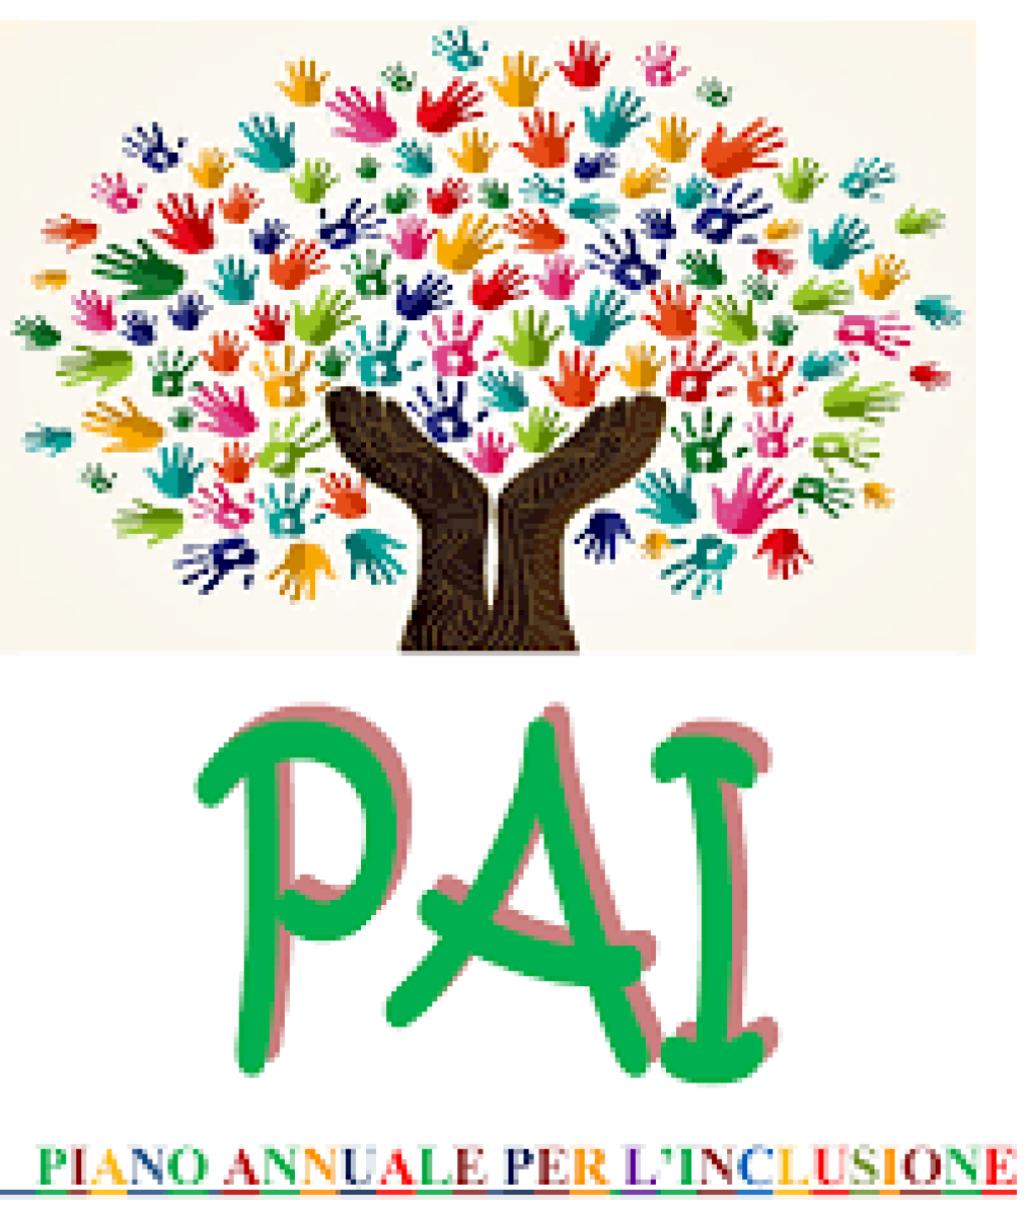 Piano Annuale per l'Inclusione - PAI